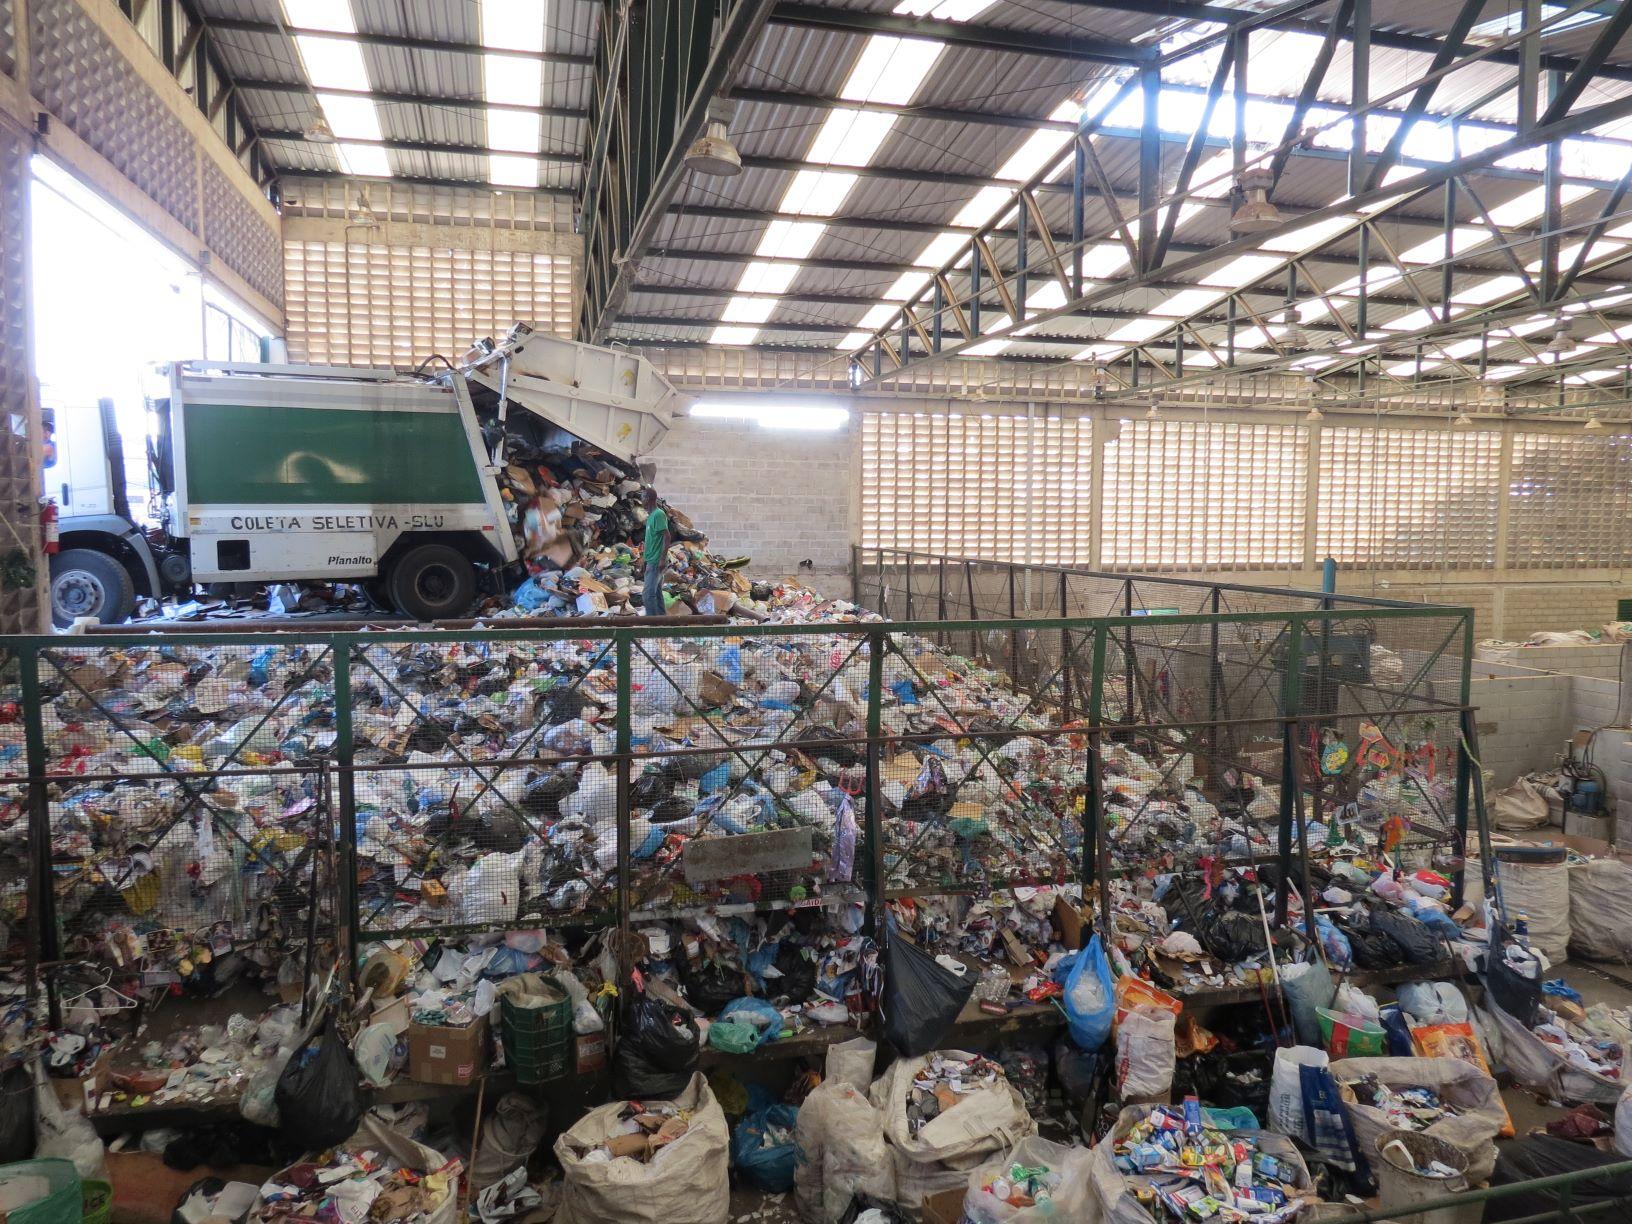 Galpão para separação de resíduos da Coopesol Leste, cooperativa de coleta de Belo Horizonte: programa Lixão Zero ignora cadeia da reciclagem (Foto: Juliana Gonçalves)